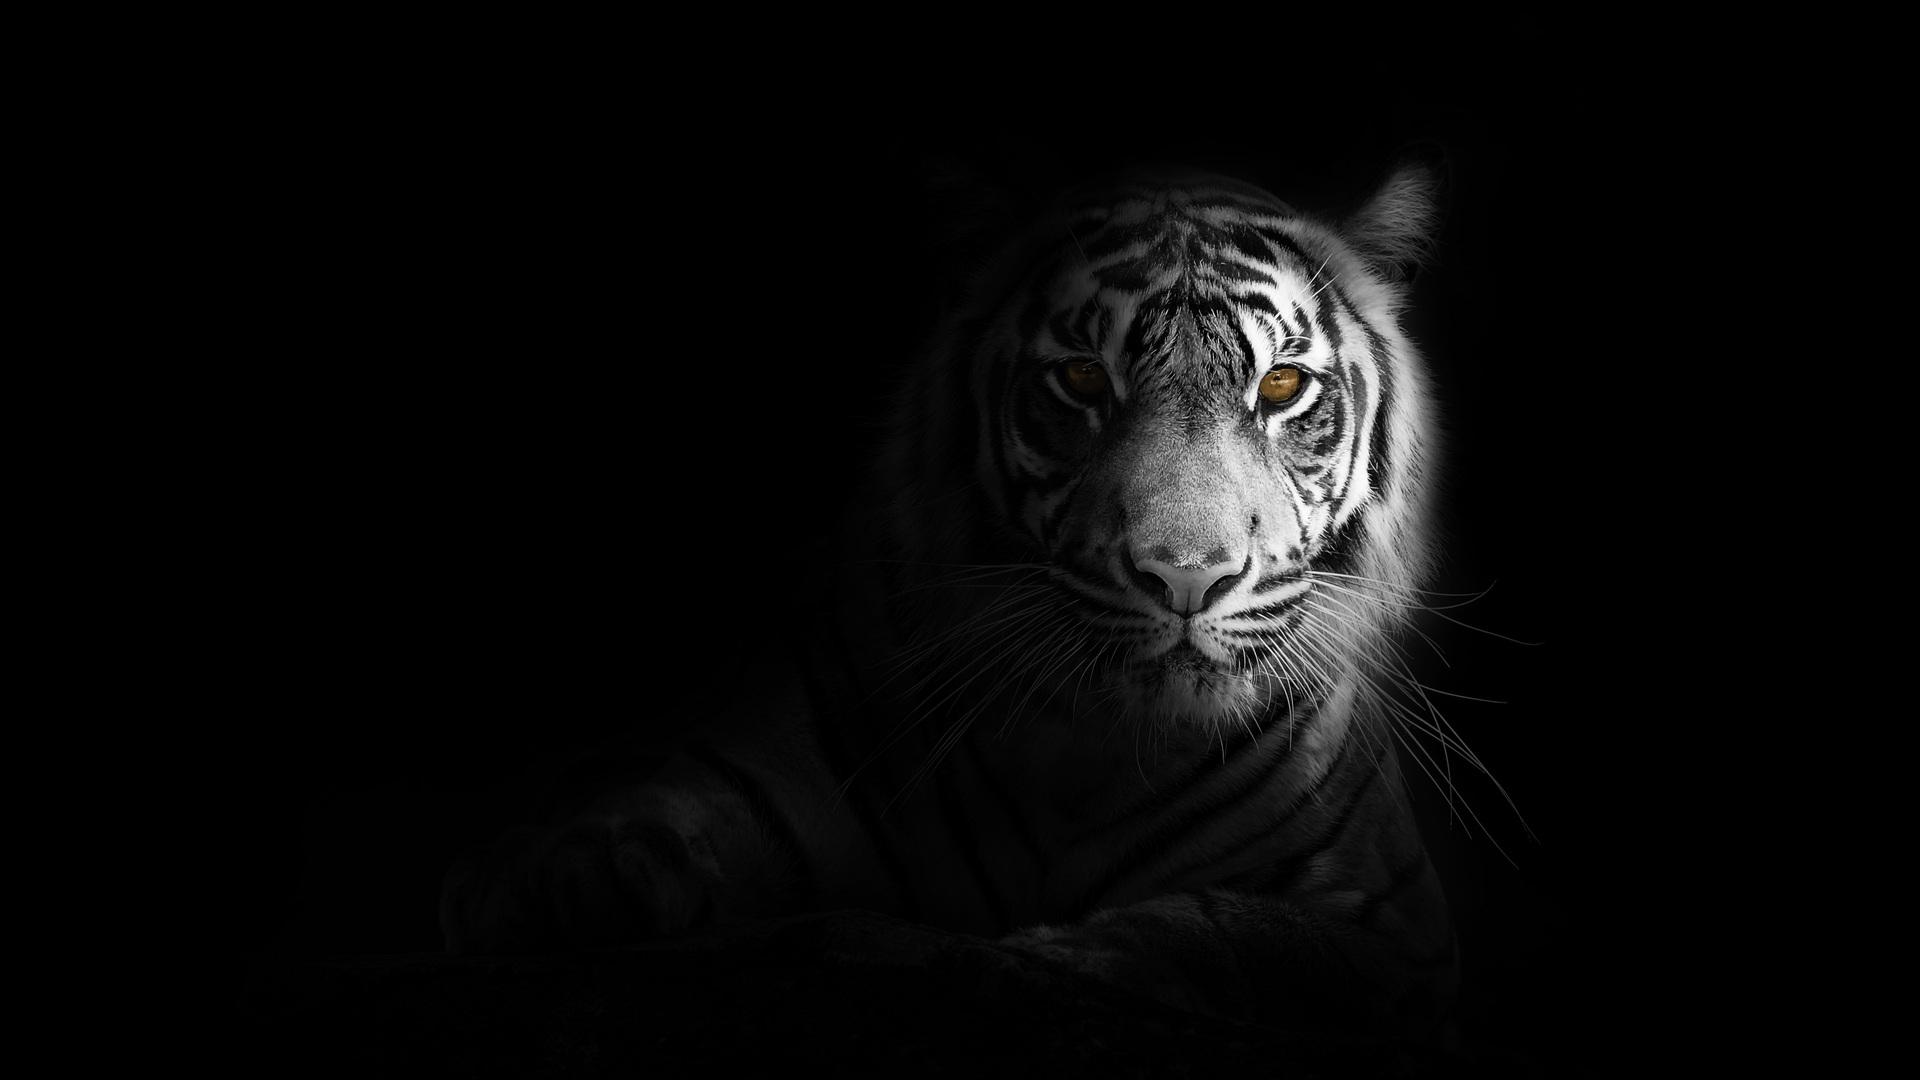 1920x1080 Big Cat Tiger 4k Laptop Full HD 1080P HD 4k ...